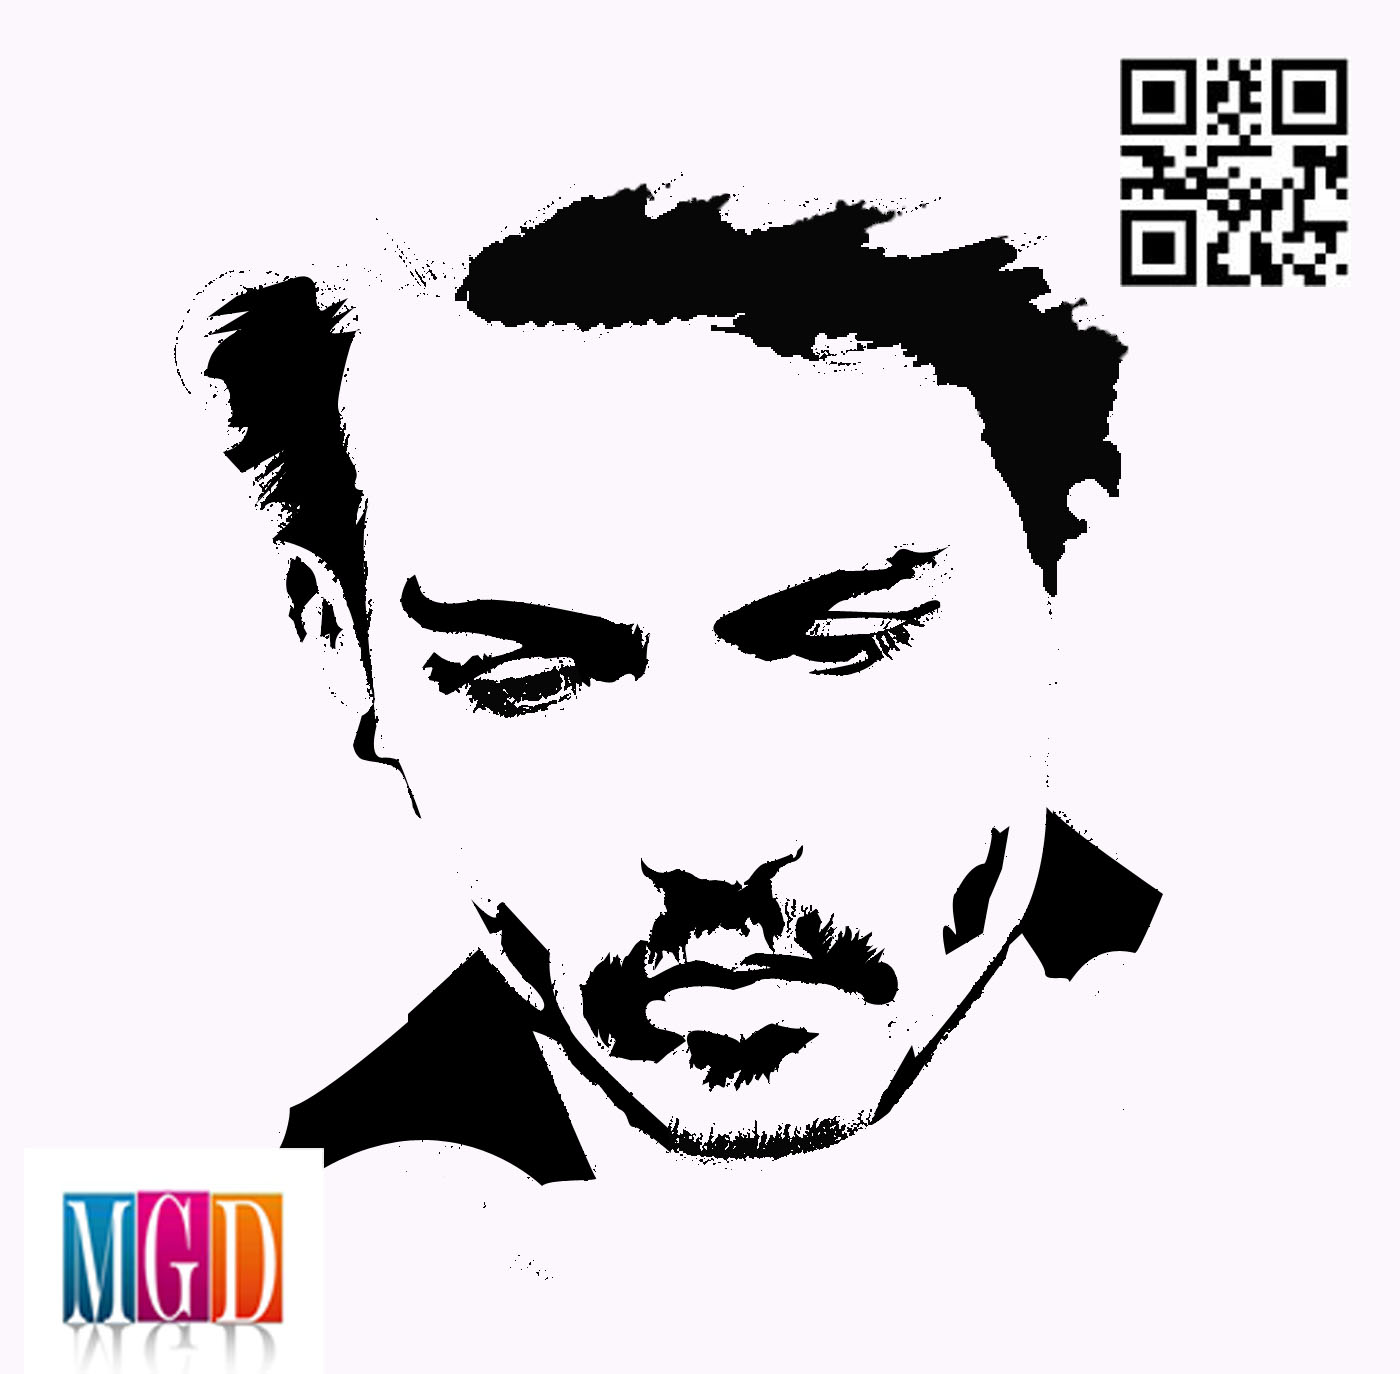 Elvis Silhouette Clip Art Bing. By Vlad Kochelaevskiy Johnny Depp hdclipartall.com